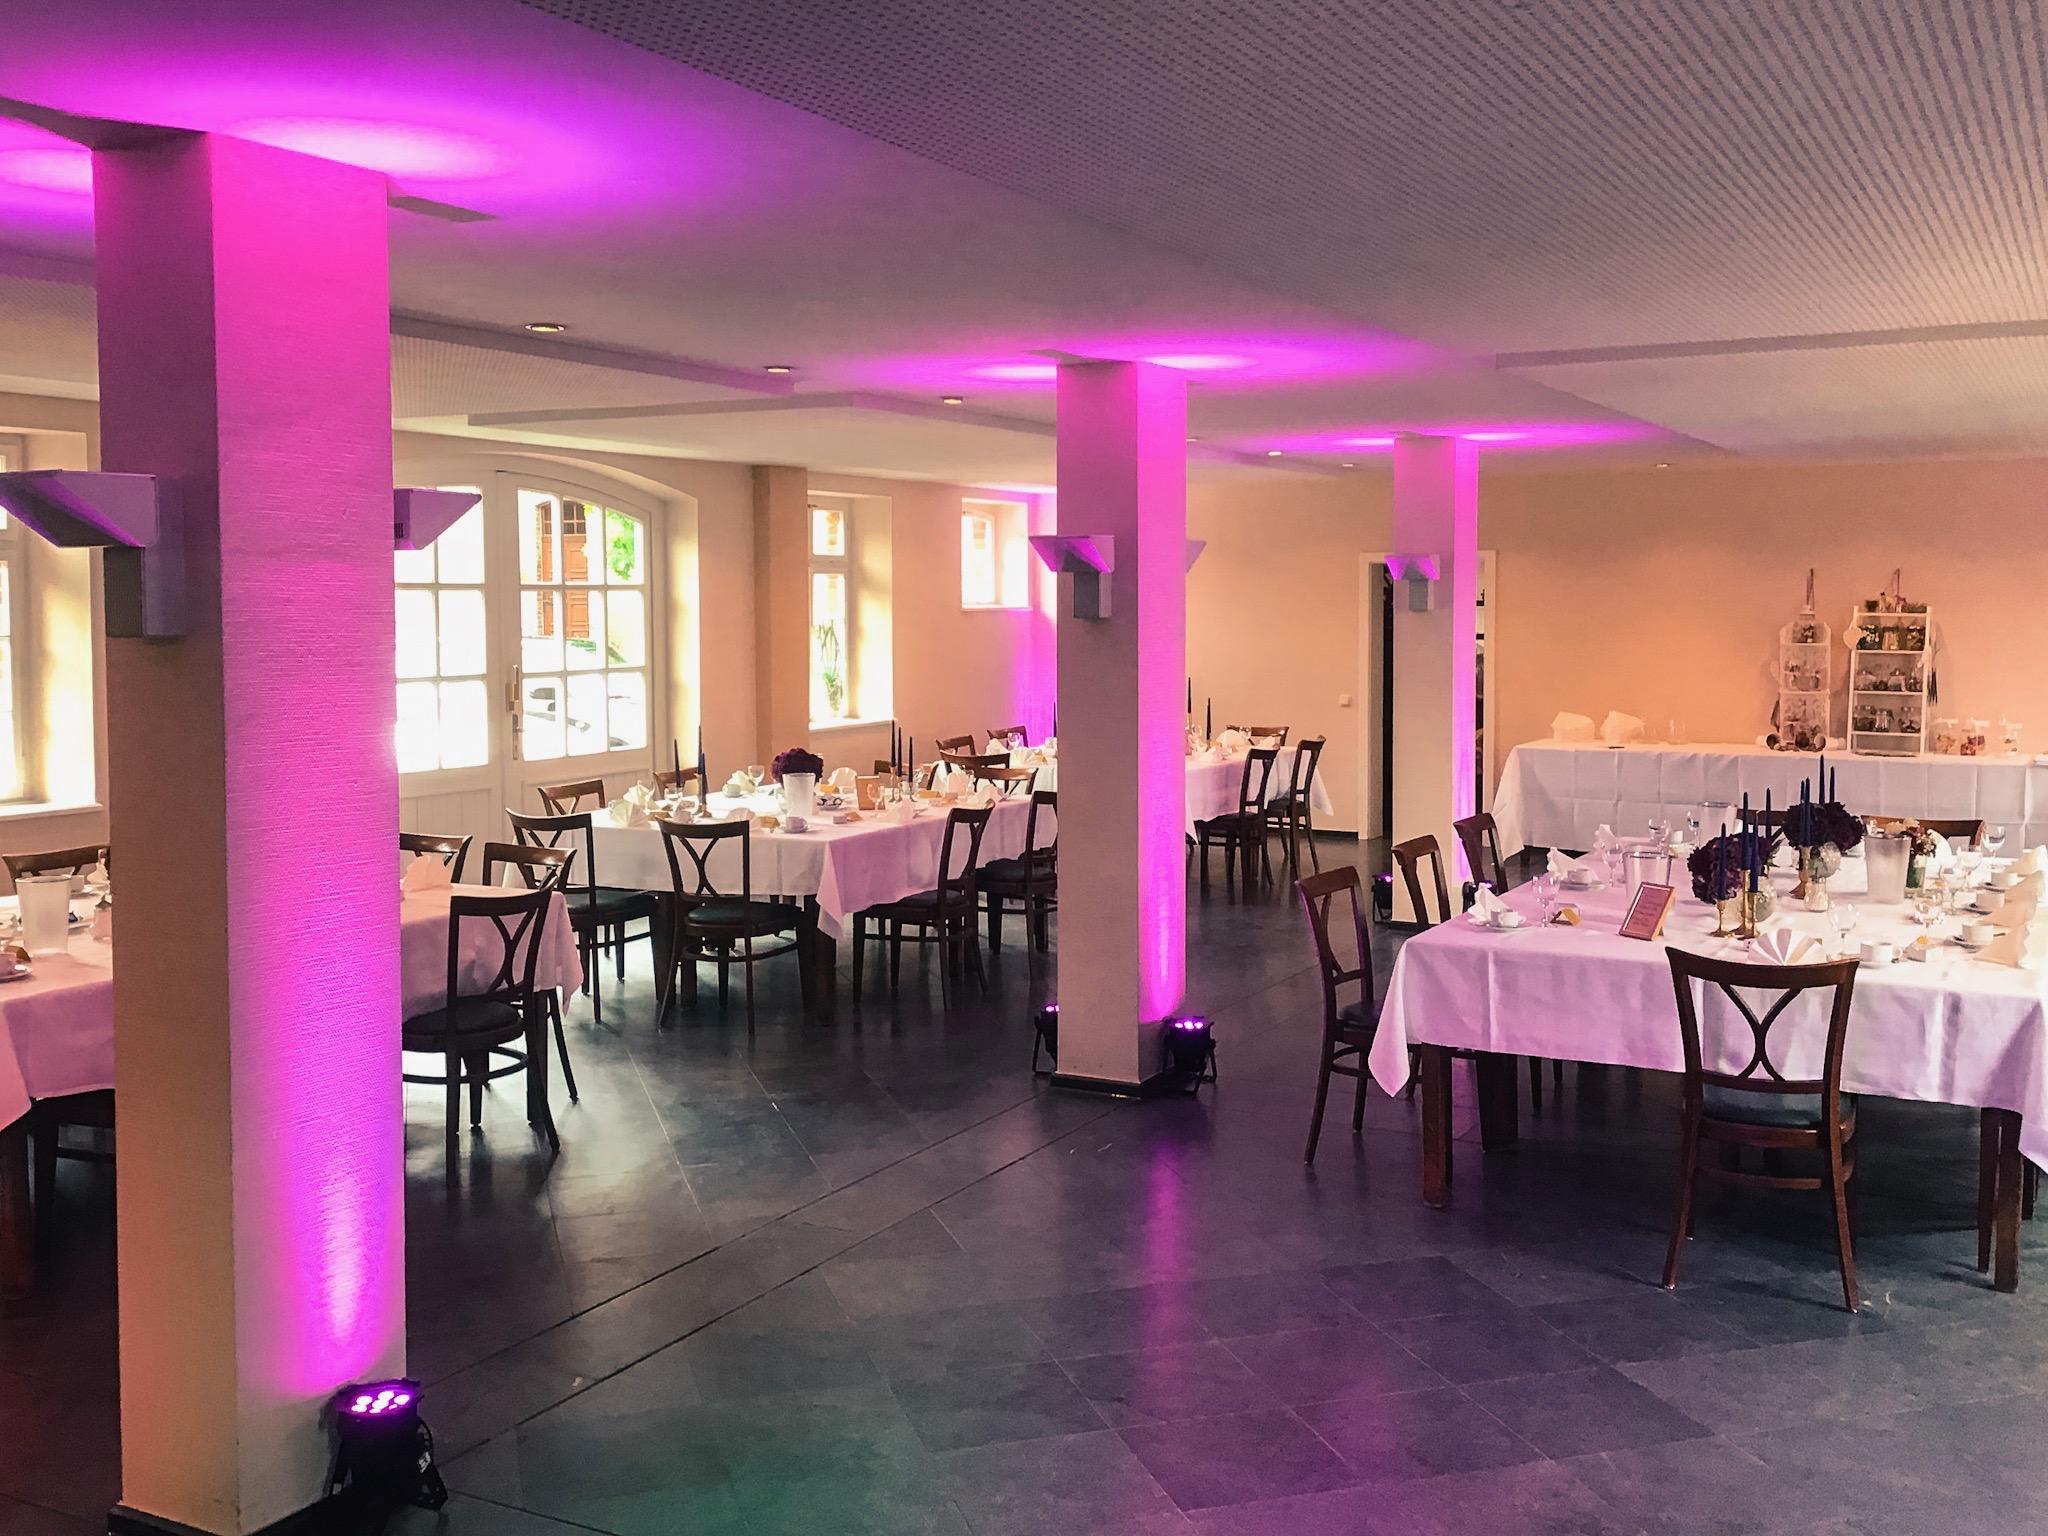 Saalbeleuchtung mit LED-Scheinwerfern